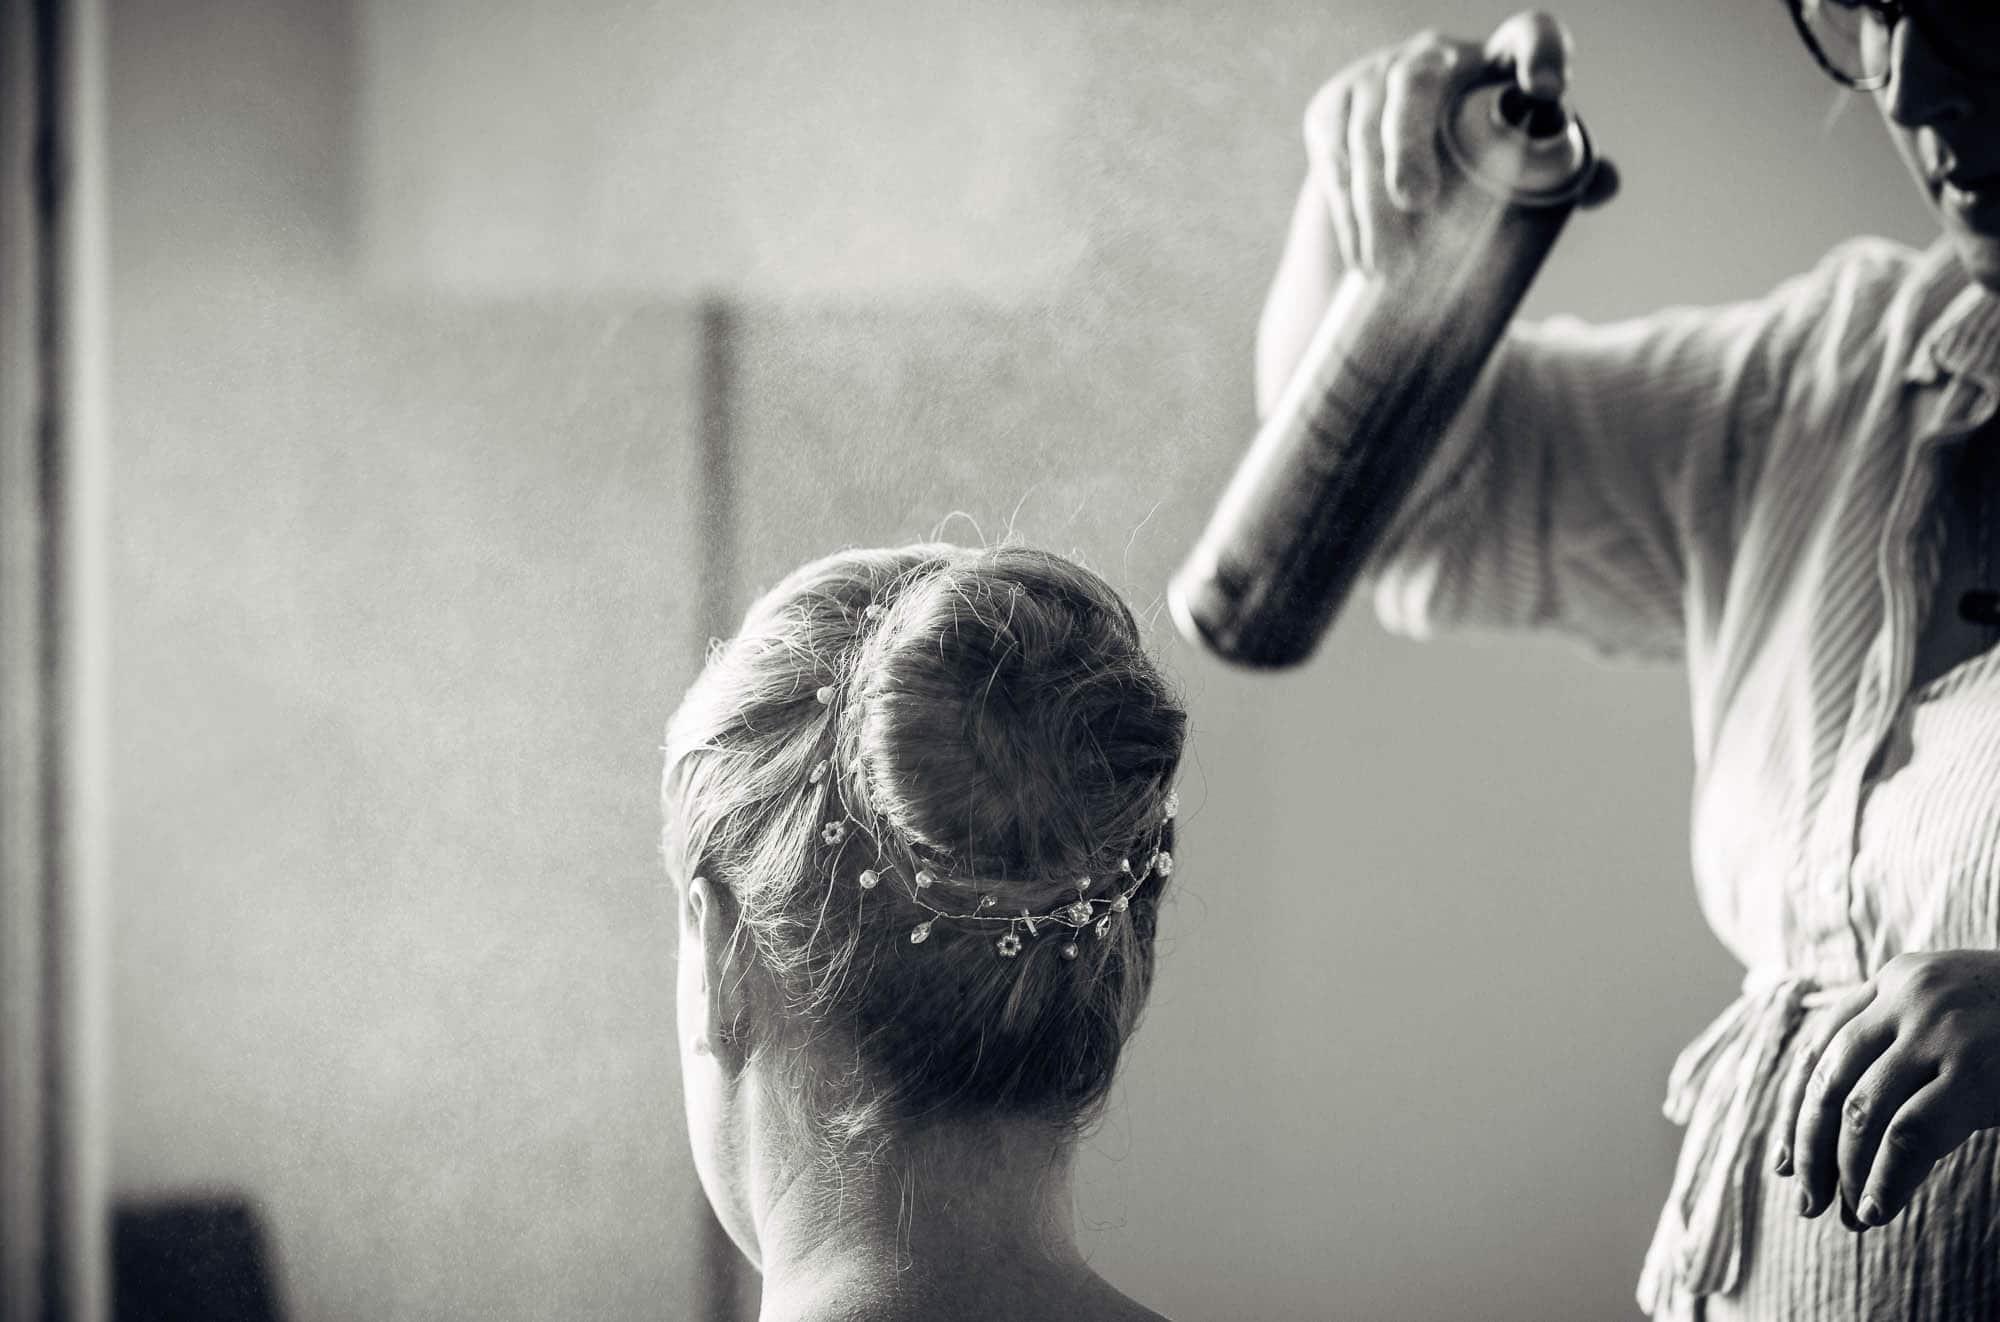 Frisur wird mit Haarspray fixiert